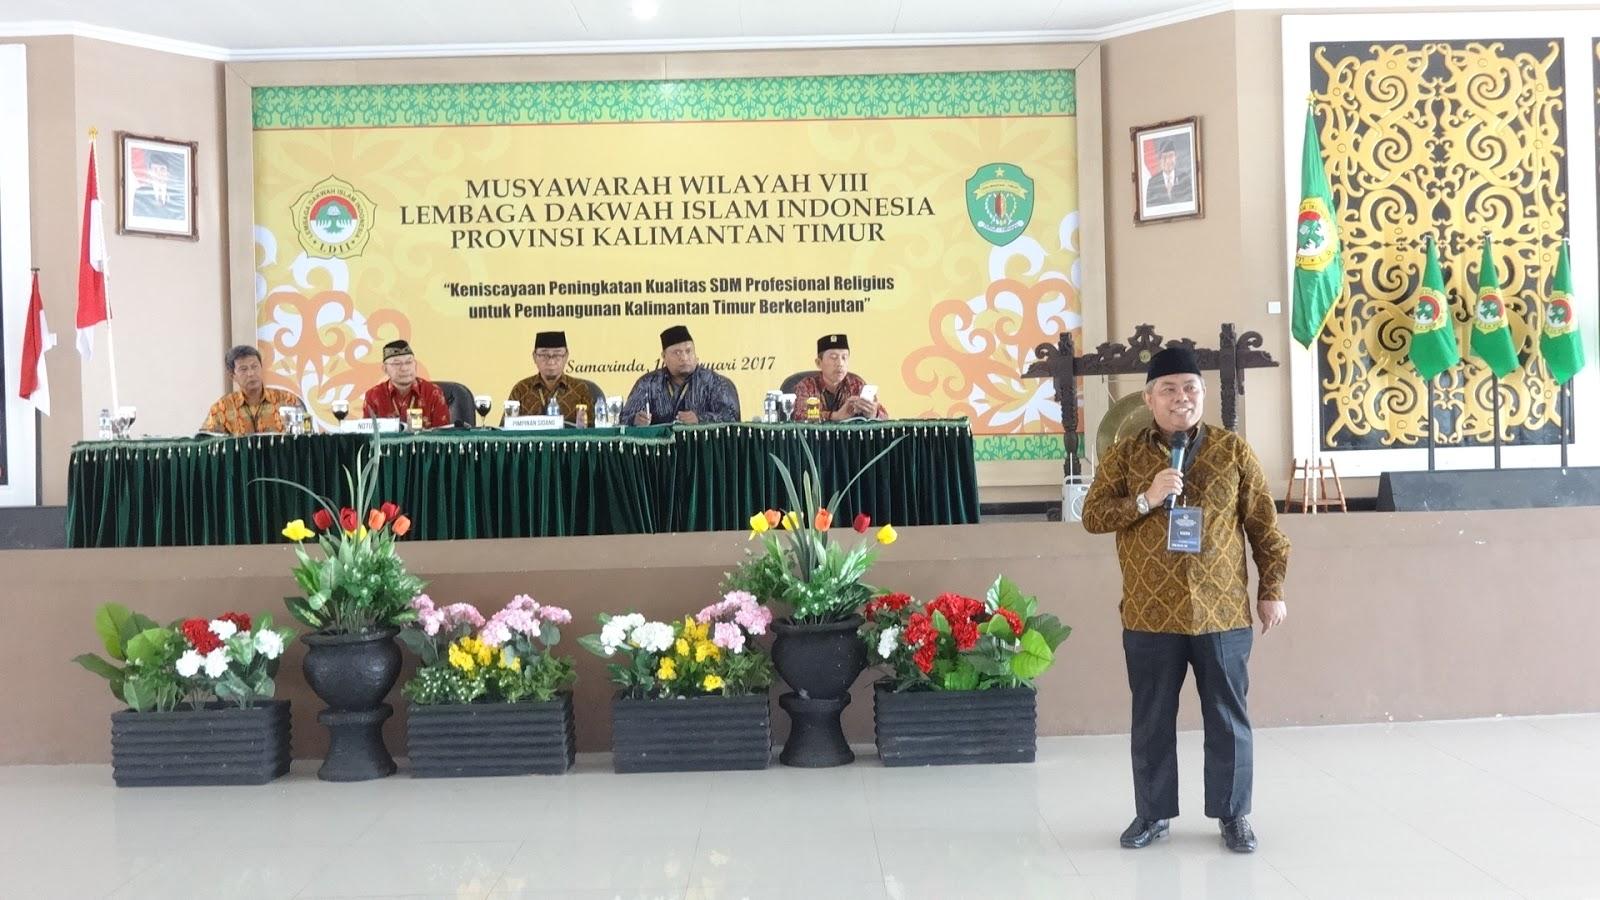 Sutamsis dihadapan Tim Formatur saat Muswil ke-VIII DPW LDII Kaltim di Gedung Olah Bebaya Kompleks Lamin Etam, Jalan Gadjah Mada Samarinda, Kamis (16/2). Foto: LINES